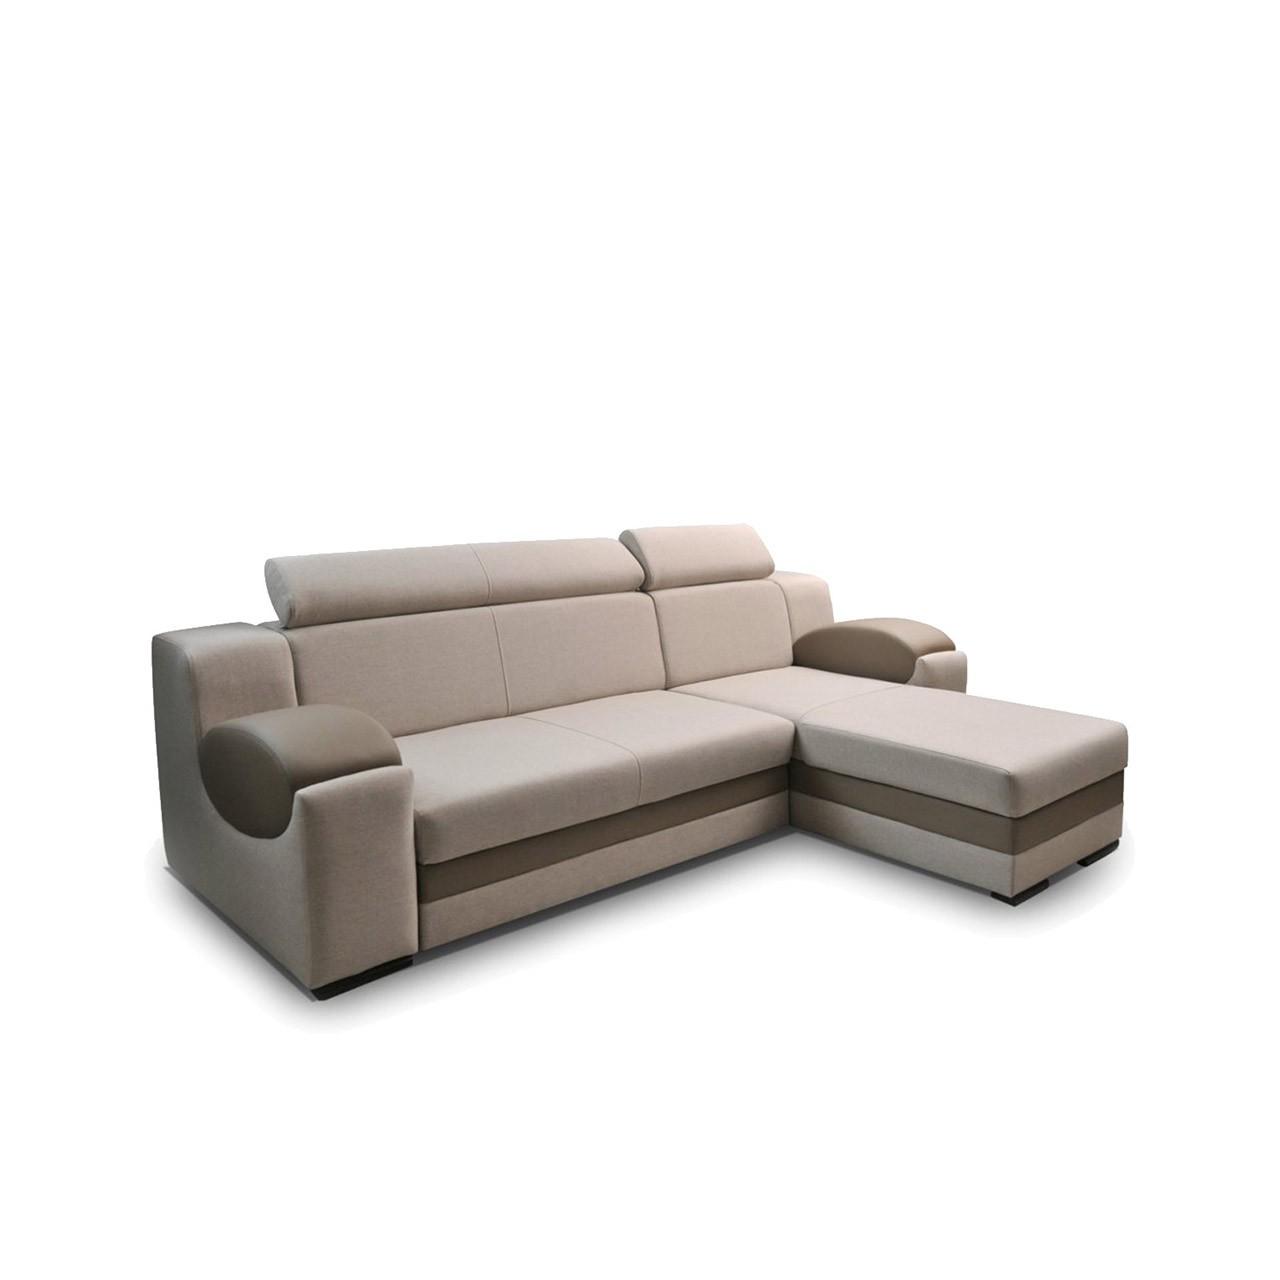 ecksofa malaga mit schlaffunktion mit bettkasten mirjan24. Black Bedroom Furniture Sets. Home Design Ideas